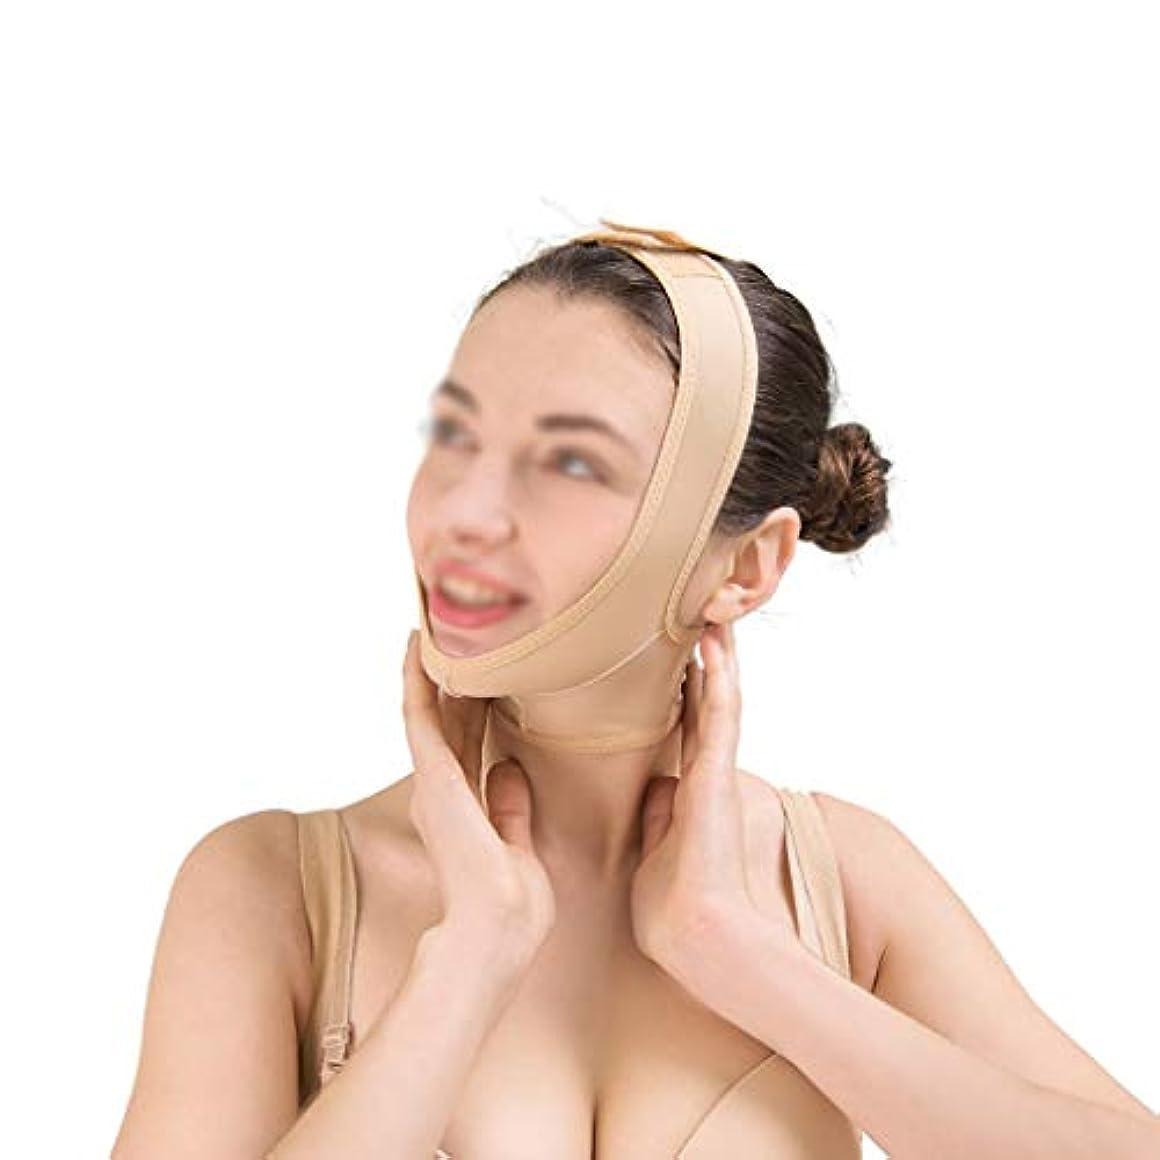 ドアミラープールみLJK 二重あごのストラップ、包帯を持ち上げる、持ち上がると肌の包帯を引き締める、通気性のフェイスマスク、快適で通気性のある顔の持ち上がるマスク (Size : S)